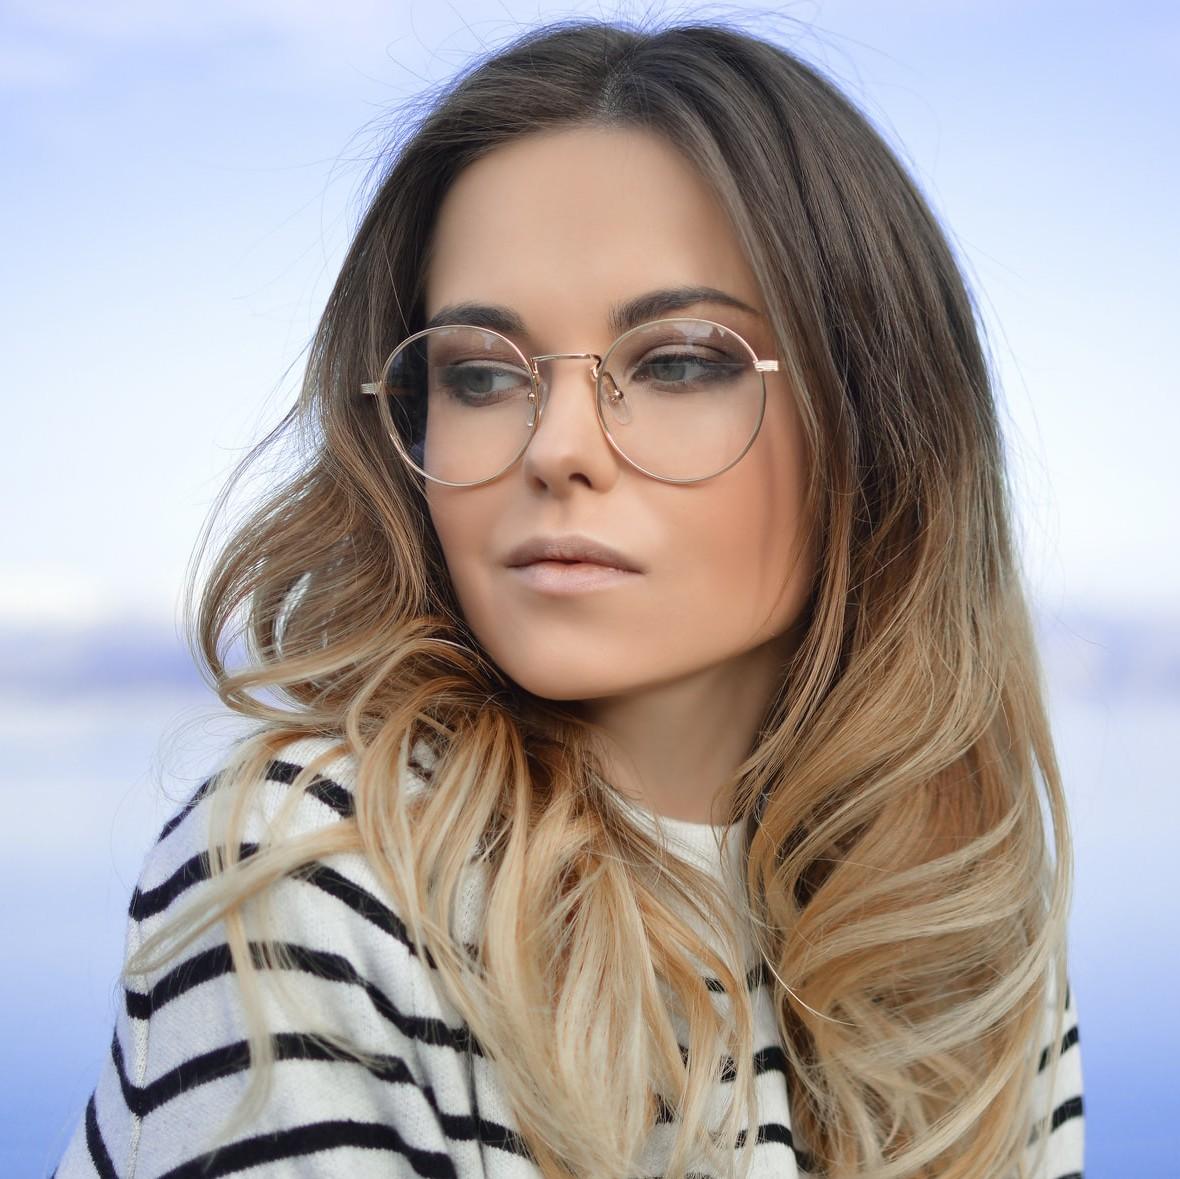 femme-lunette